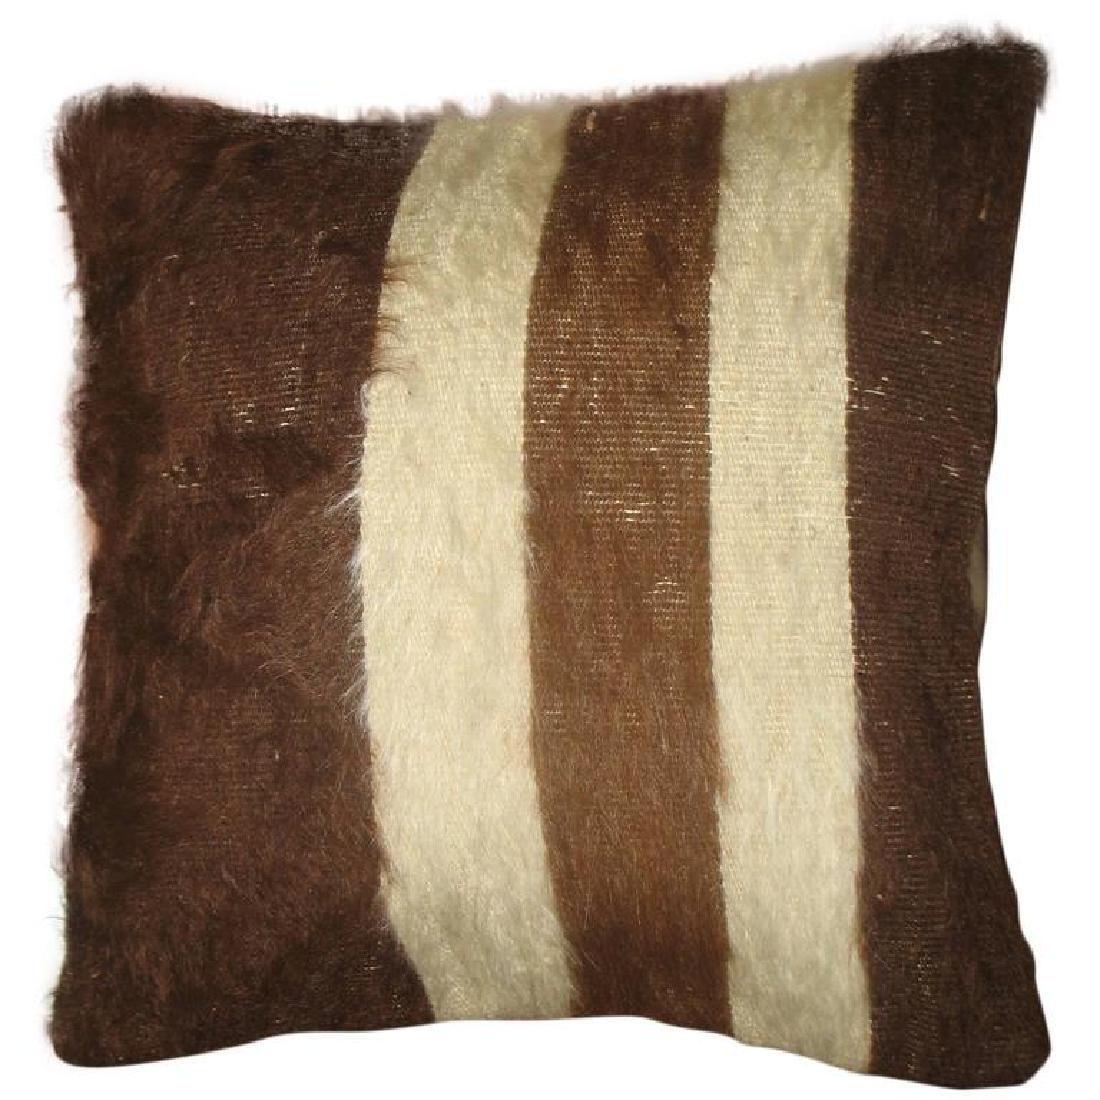 Striped Mohair Pillow